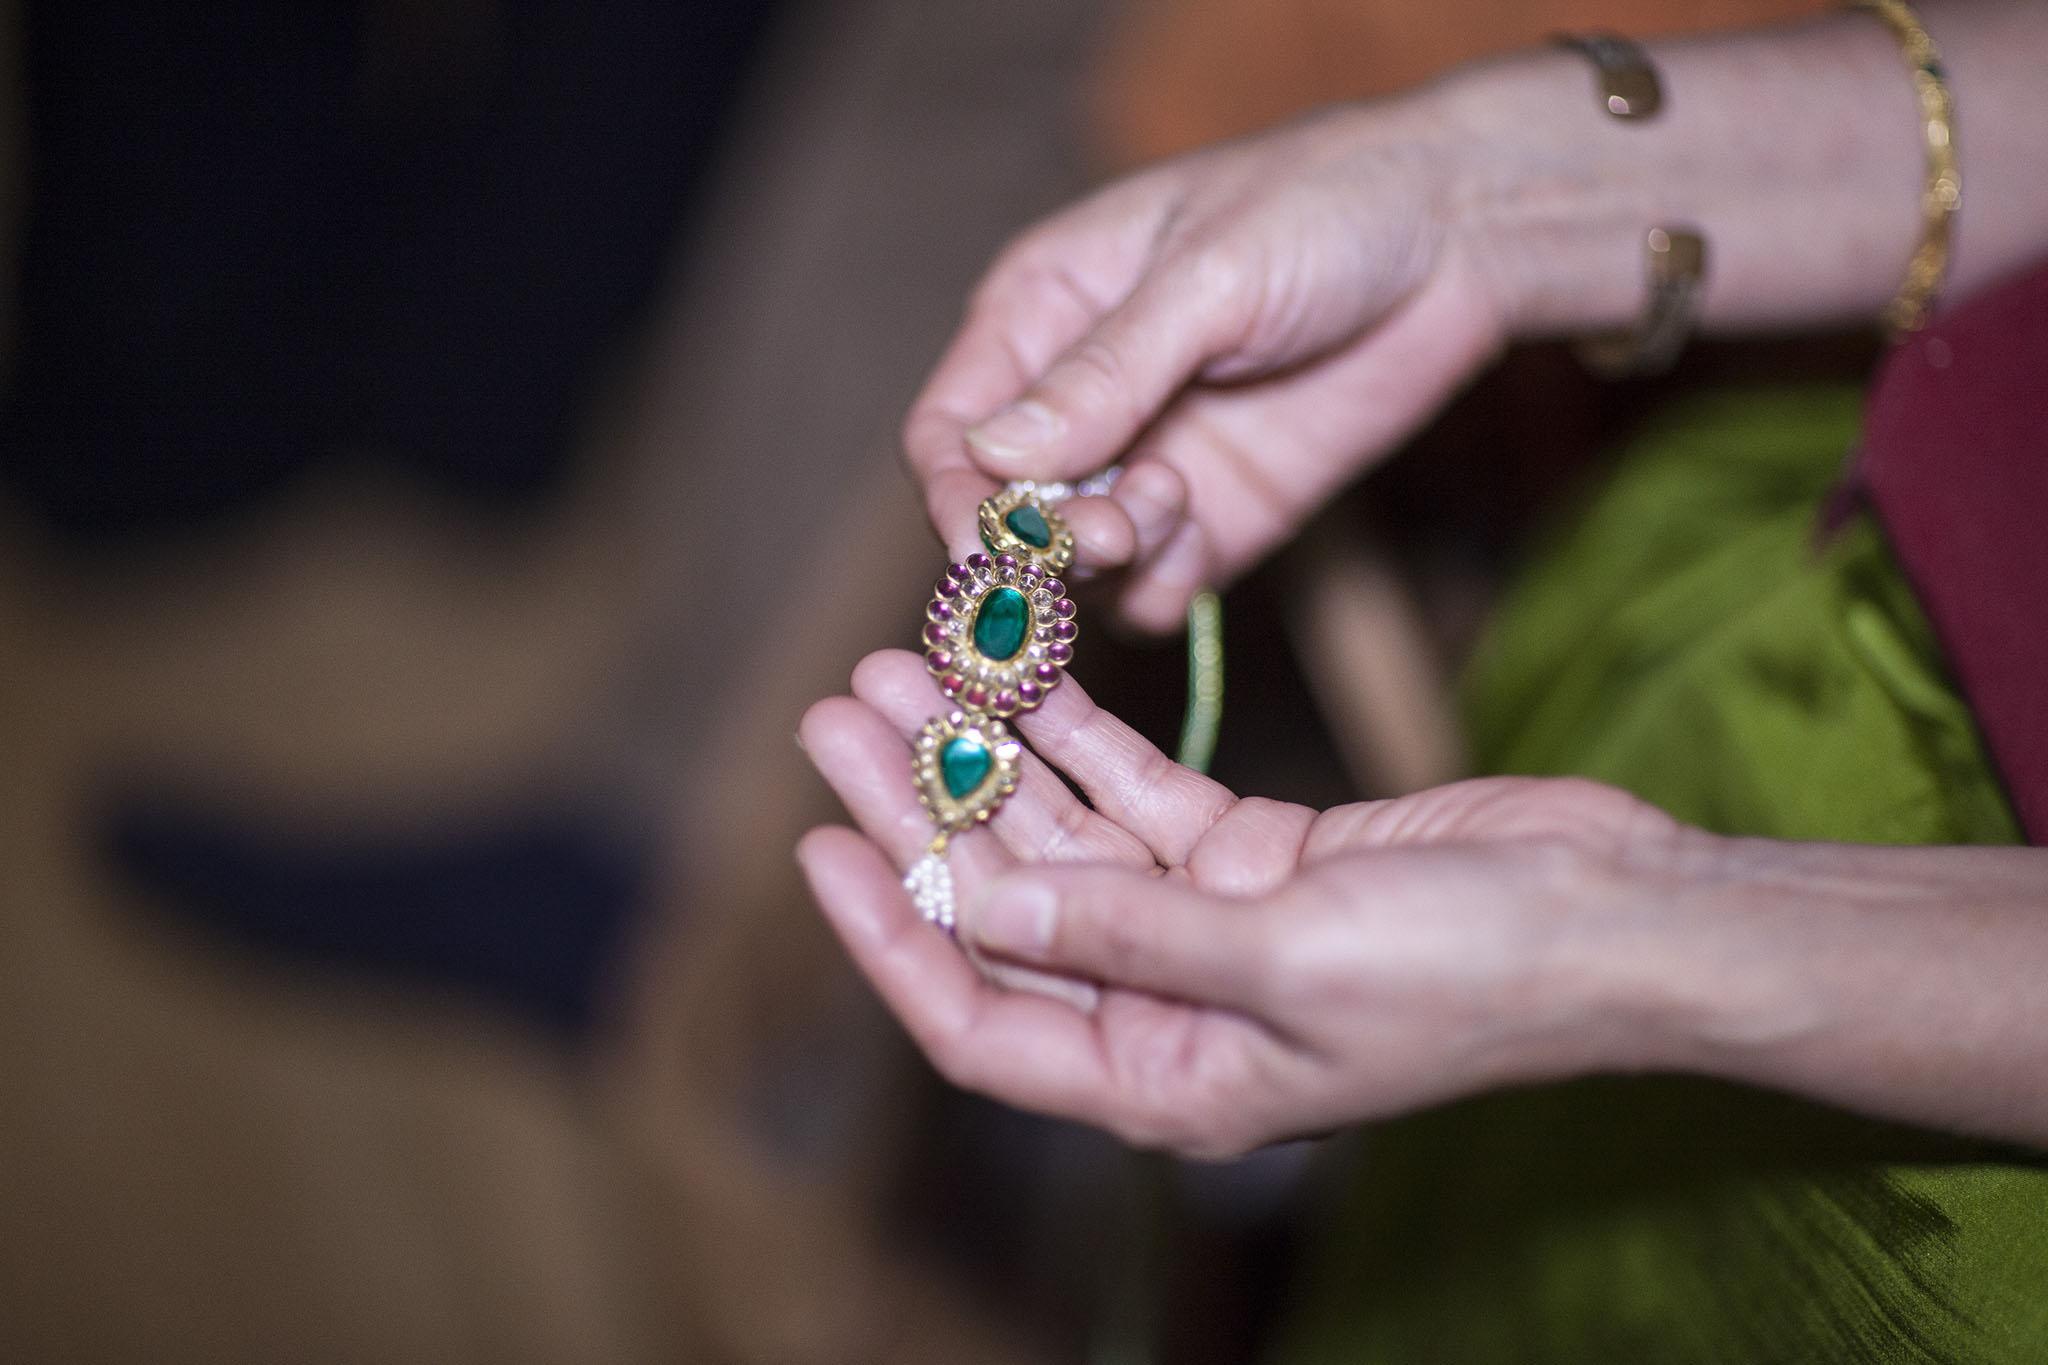 elizabethg_fineart_photography_hertfordshire_indian_wedding_mehndi_kundalata_11.jpg